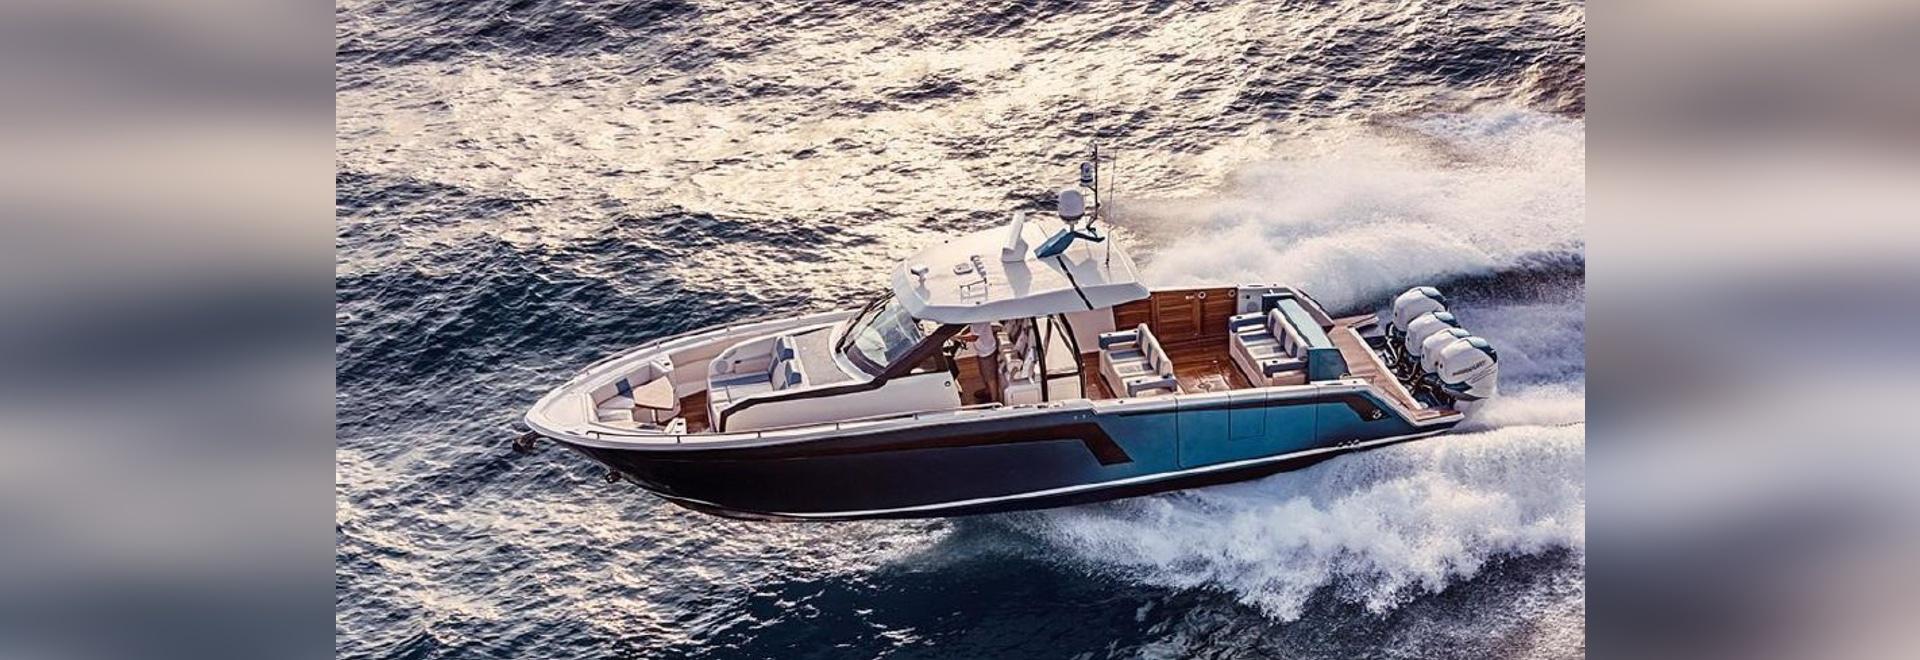 Ocean Alexander 45 Divergenza: Nuovo dayboat mira a distillare l'essenza dei superyacht